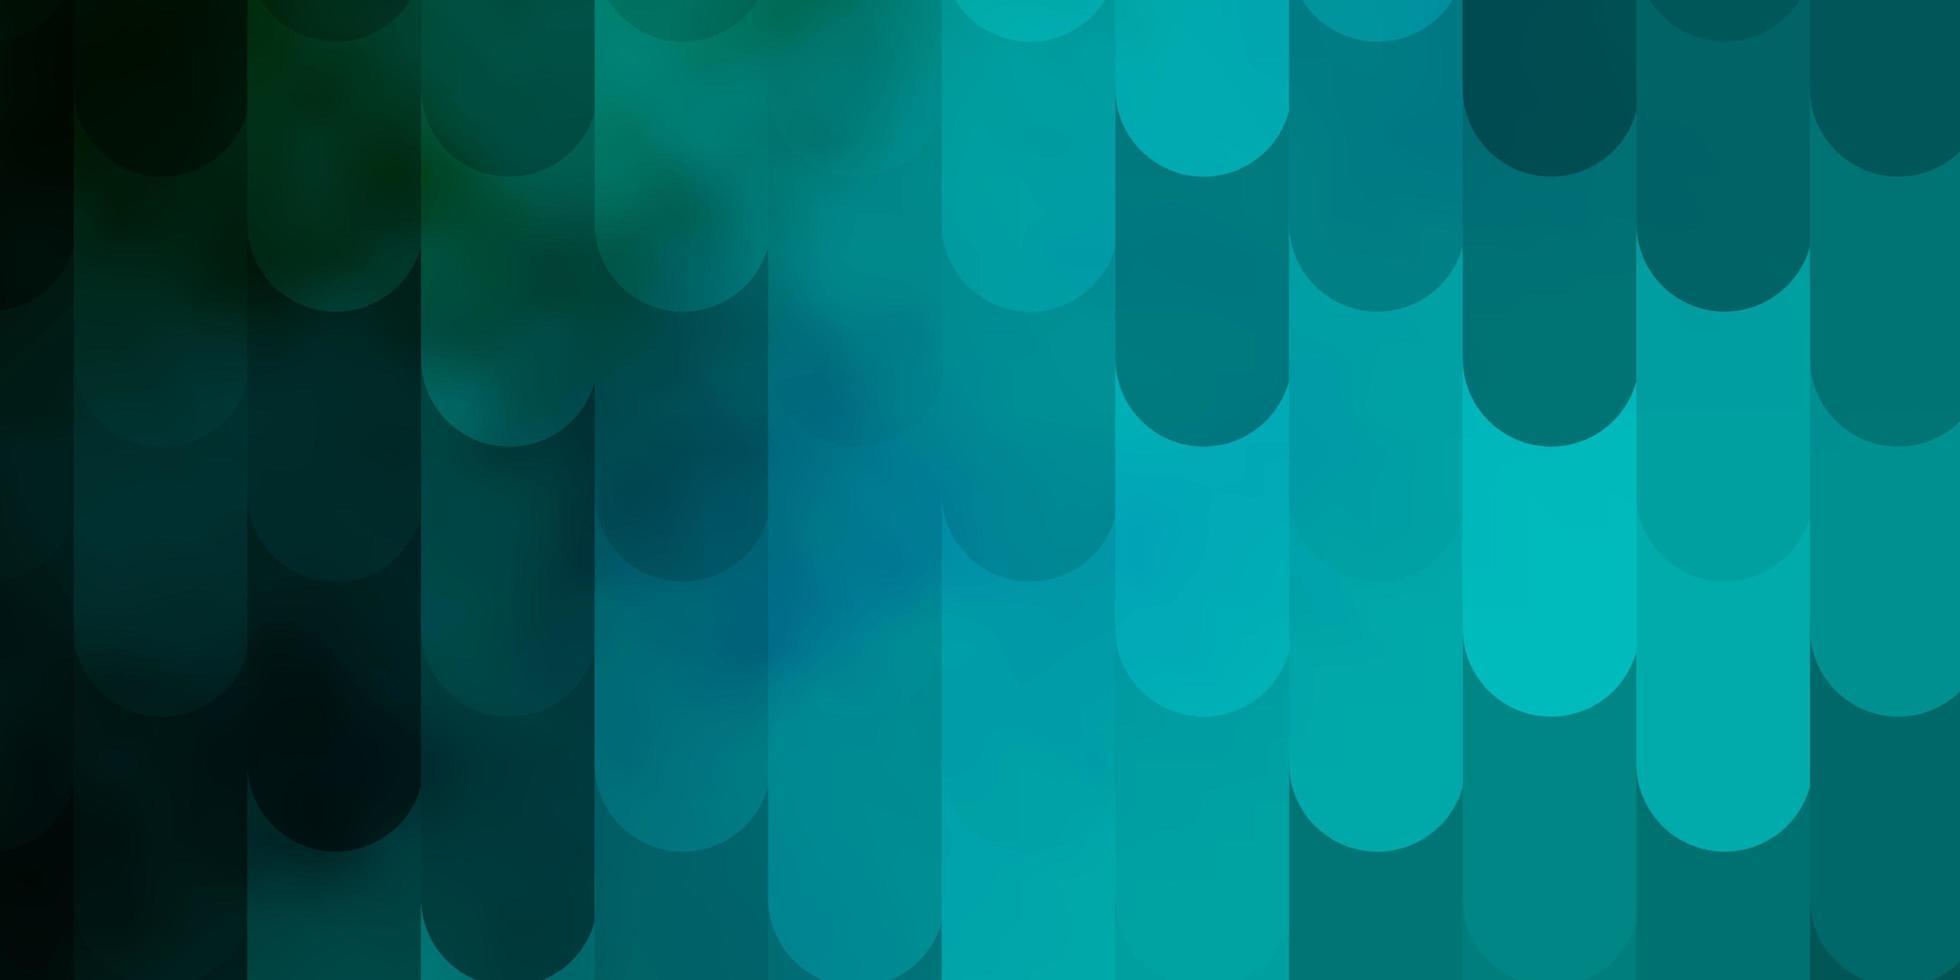 textura de vector azul claro, verde con líneas.